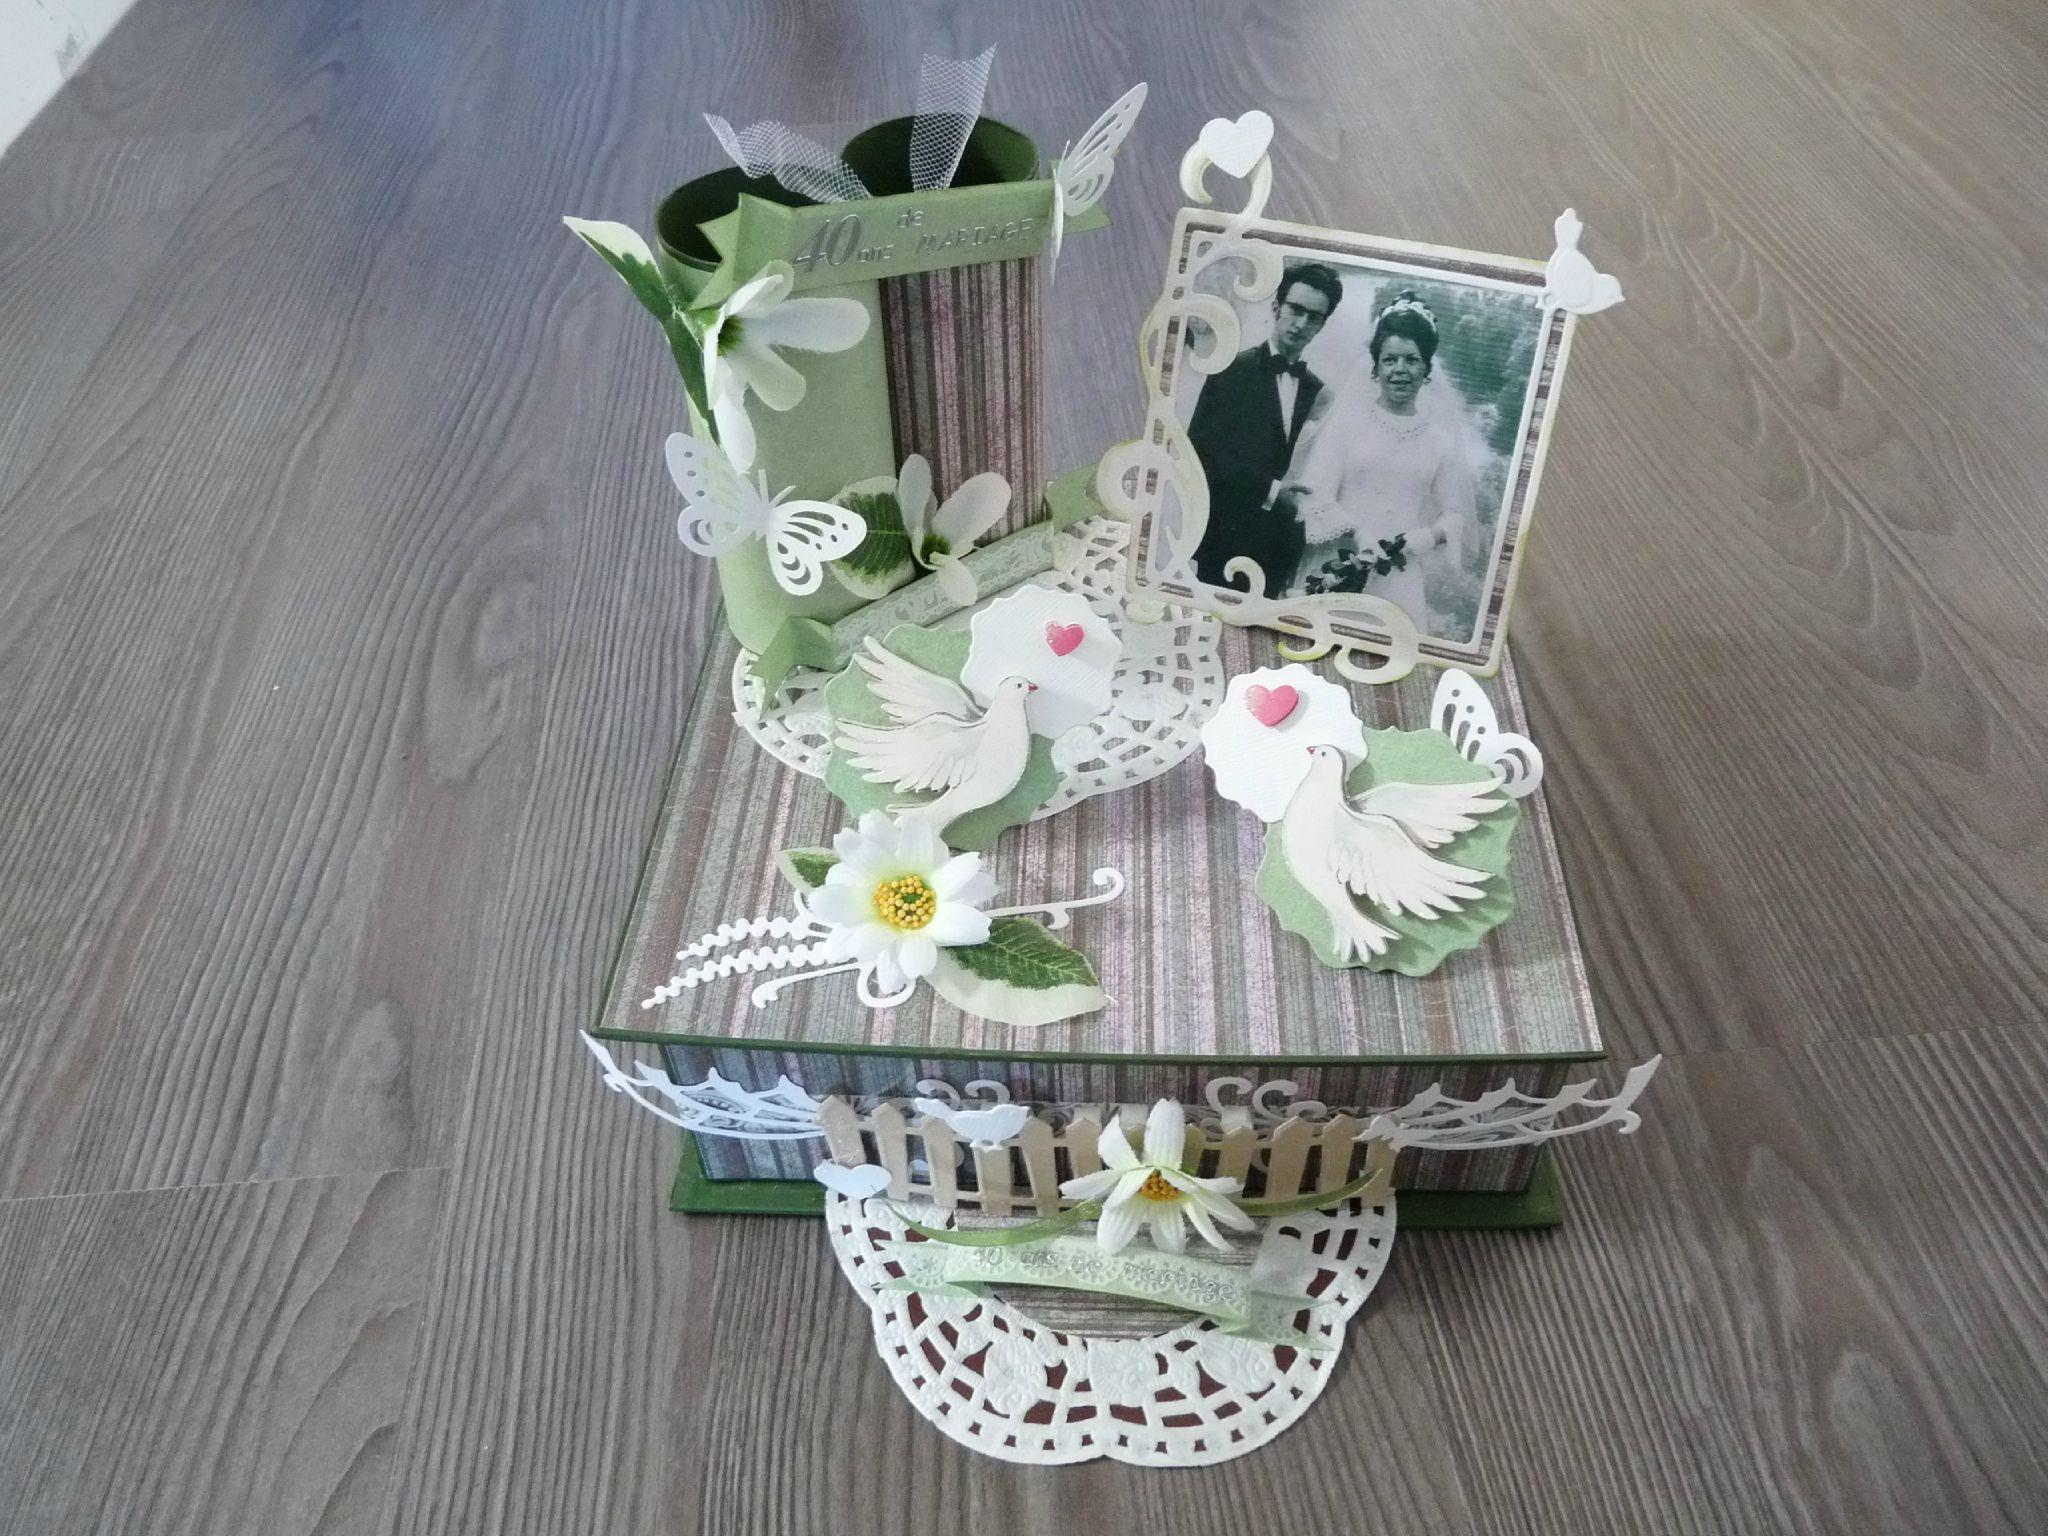 boite 40 ans de mariage l 39 atelier d 39 elfenanou. Black Bedroom Furniture Sets. Home Design Ideas